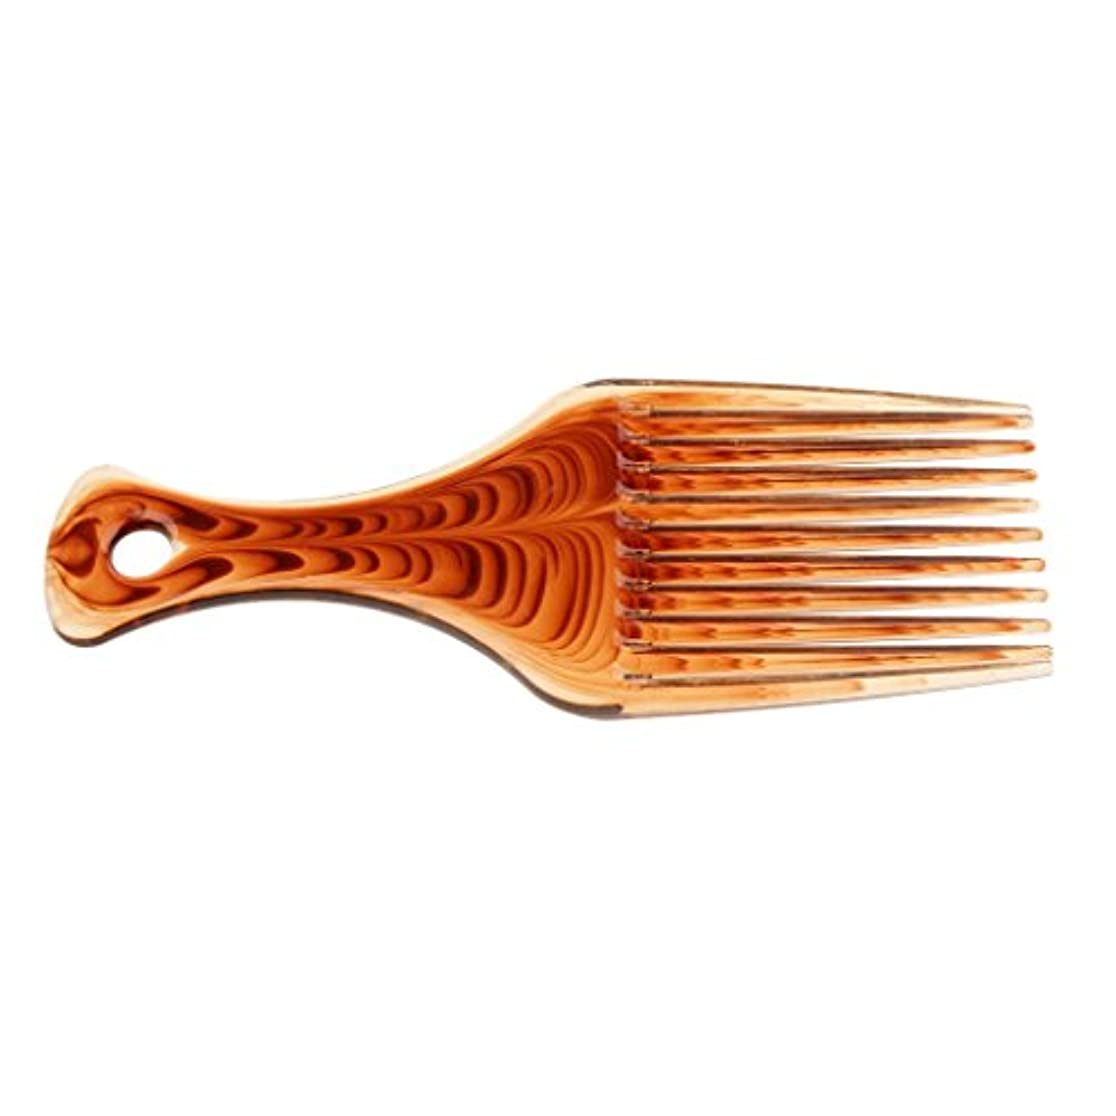 司法符号賄賂ヘアブラシ 髪の櫛 アフロ 櫛 プロ 実用的 ヘアスタイリング 持ち上げ ヘアブラシ